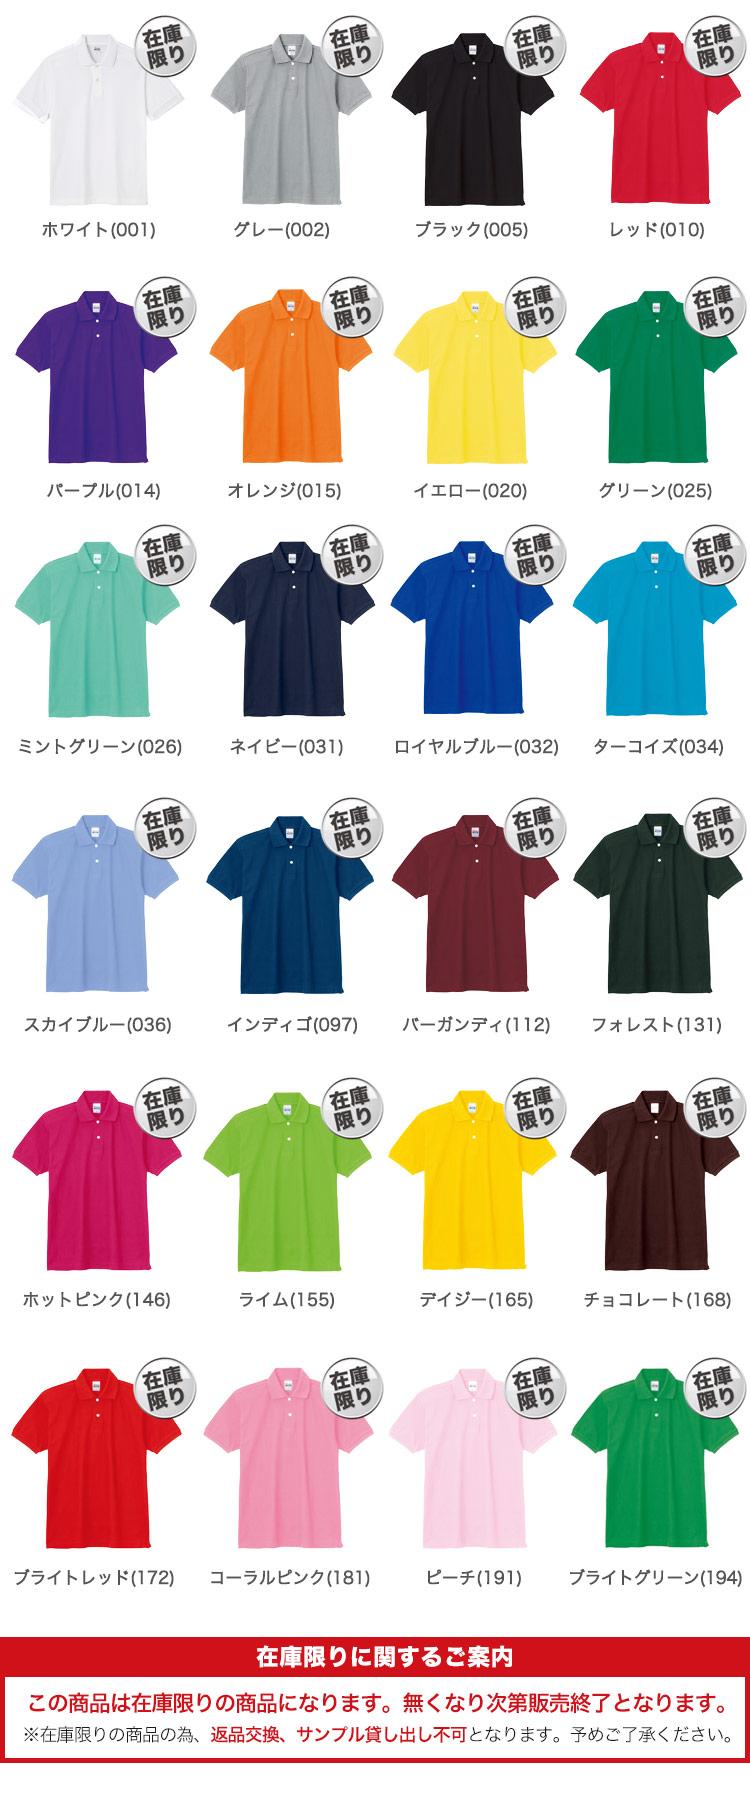 トムスのスタンダードポロシャツ(41-00223SDP)のカラーバリエーション画像